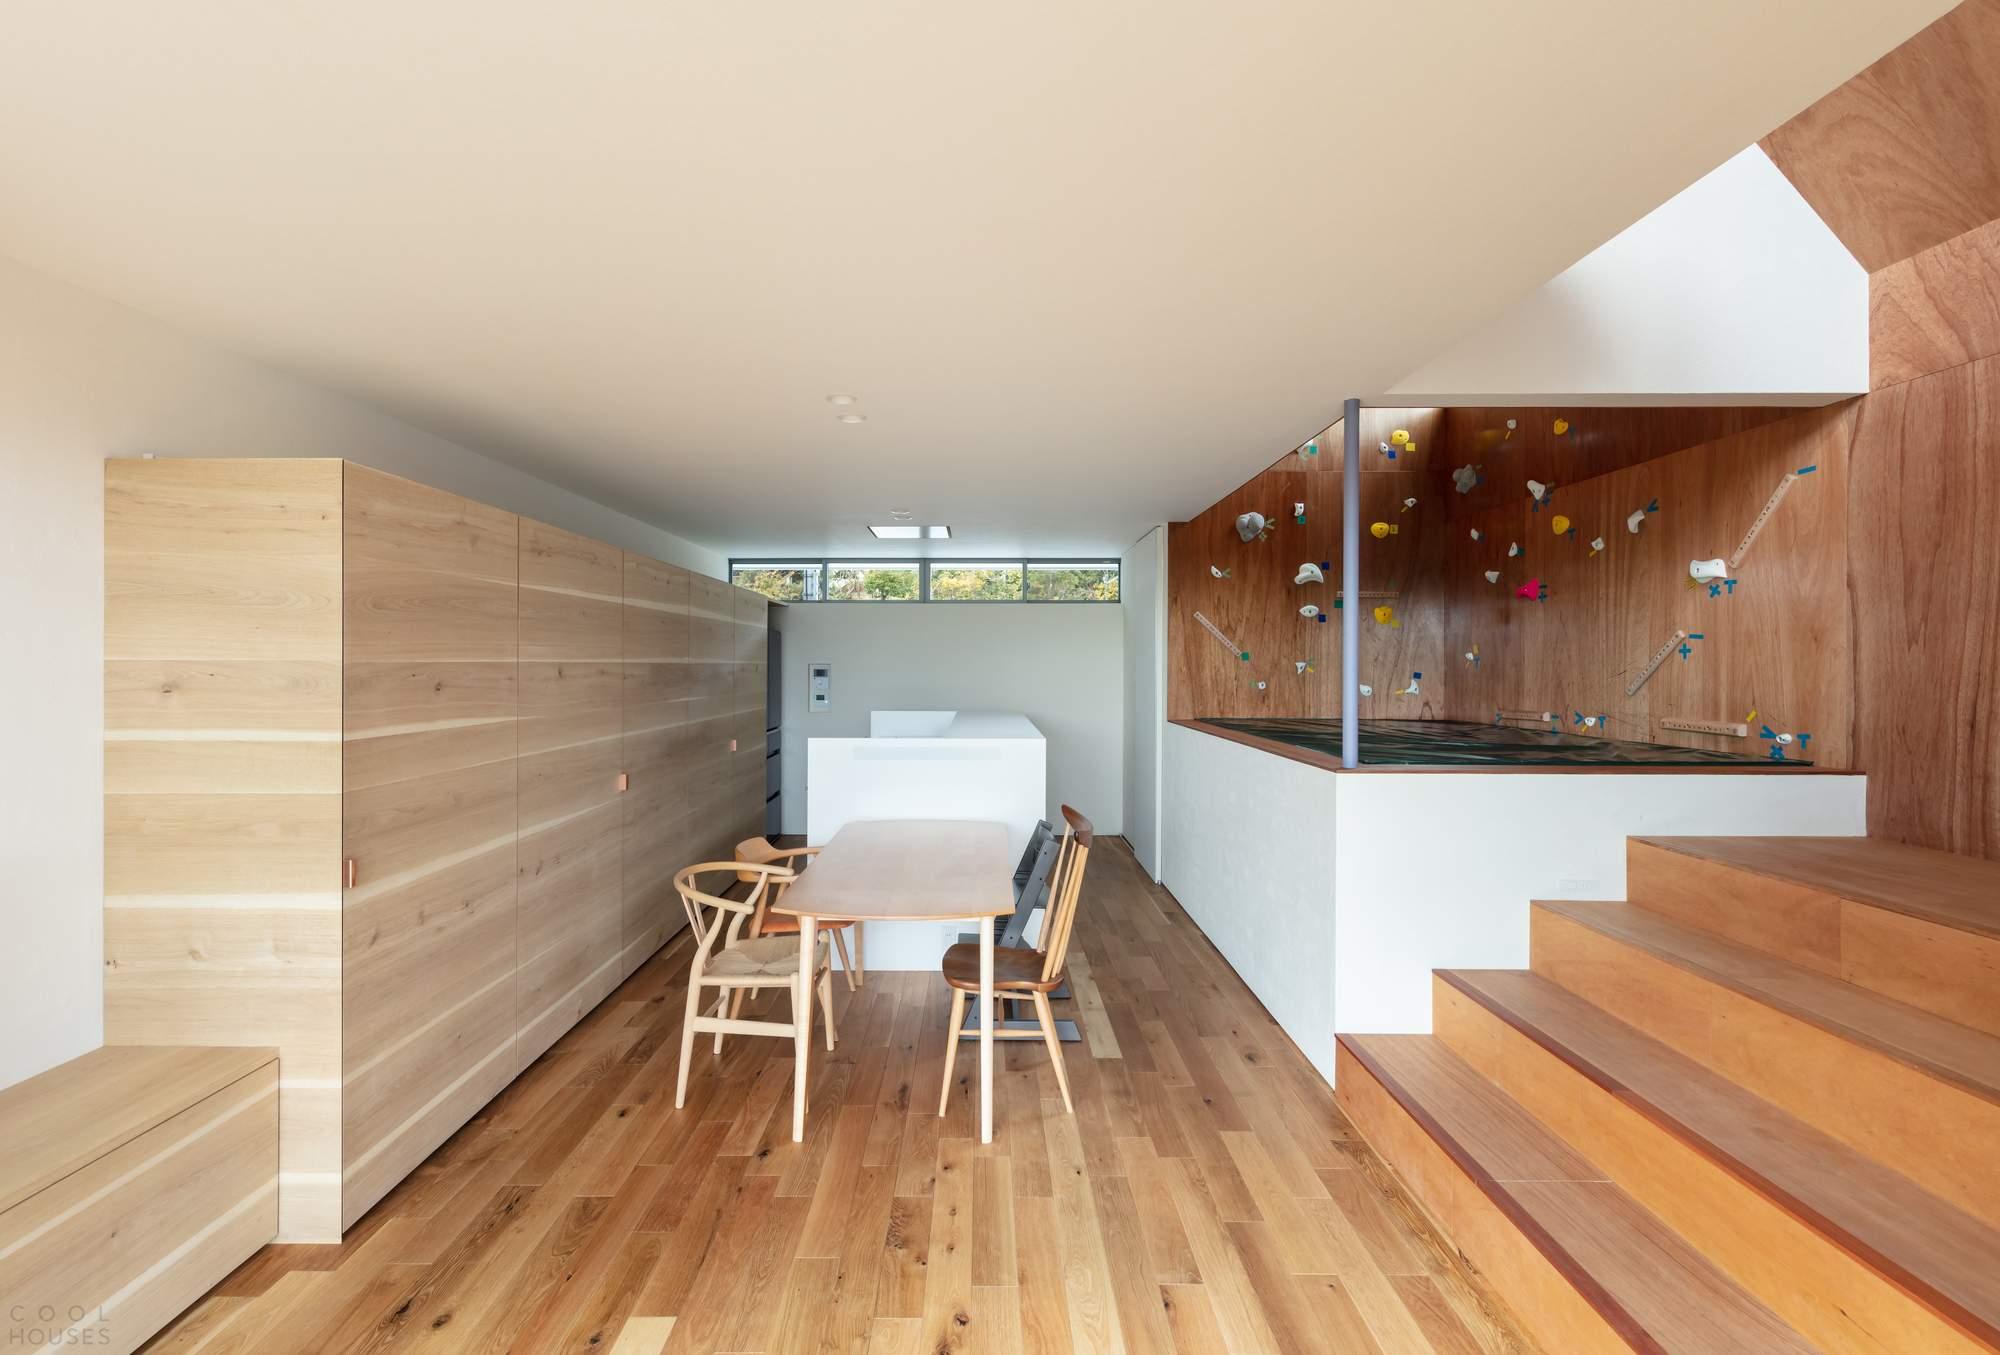 Семейный дом со стеной для скалолазания, Япония